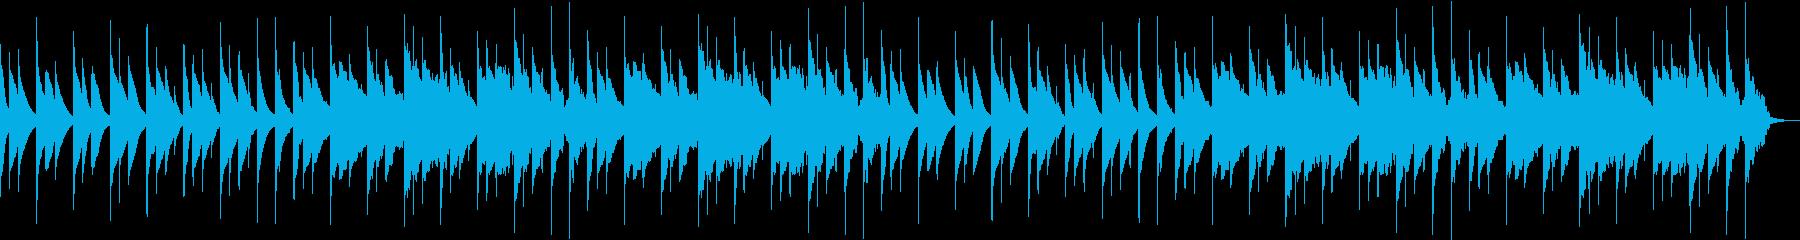 赤ちゃんにぴったりな可愛らしいサウンドの再生済みの波形